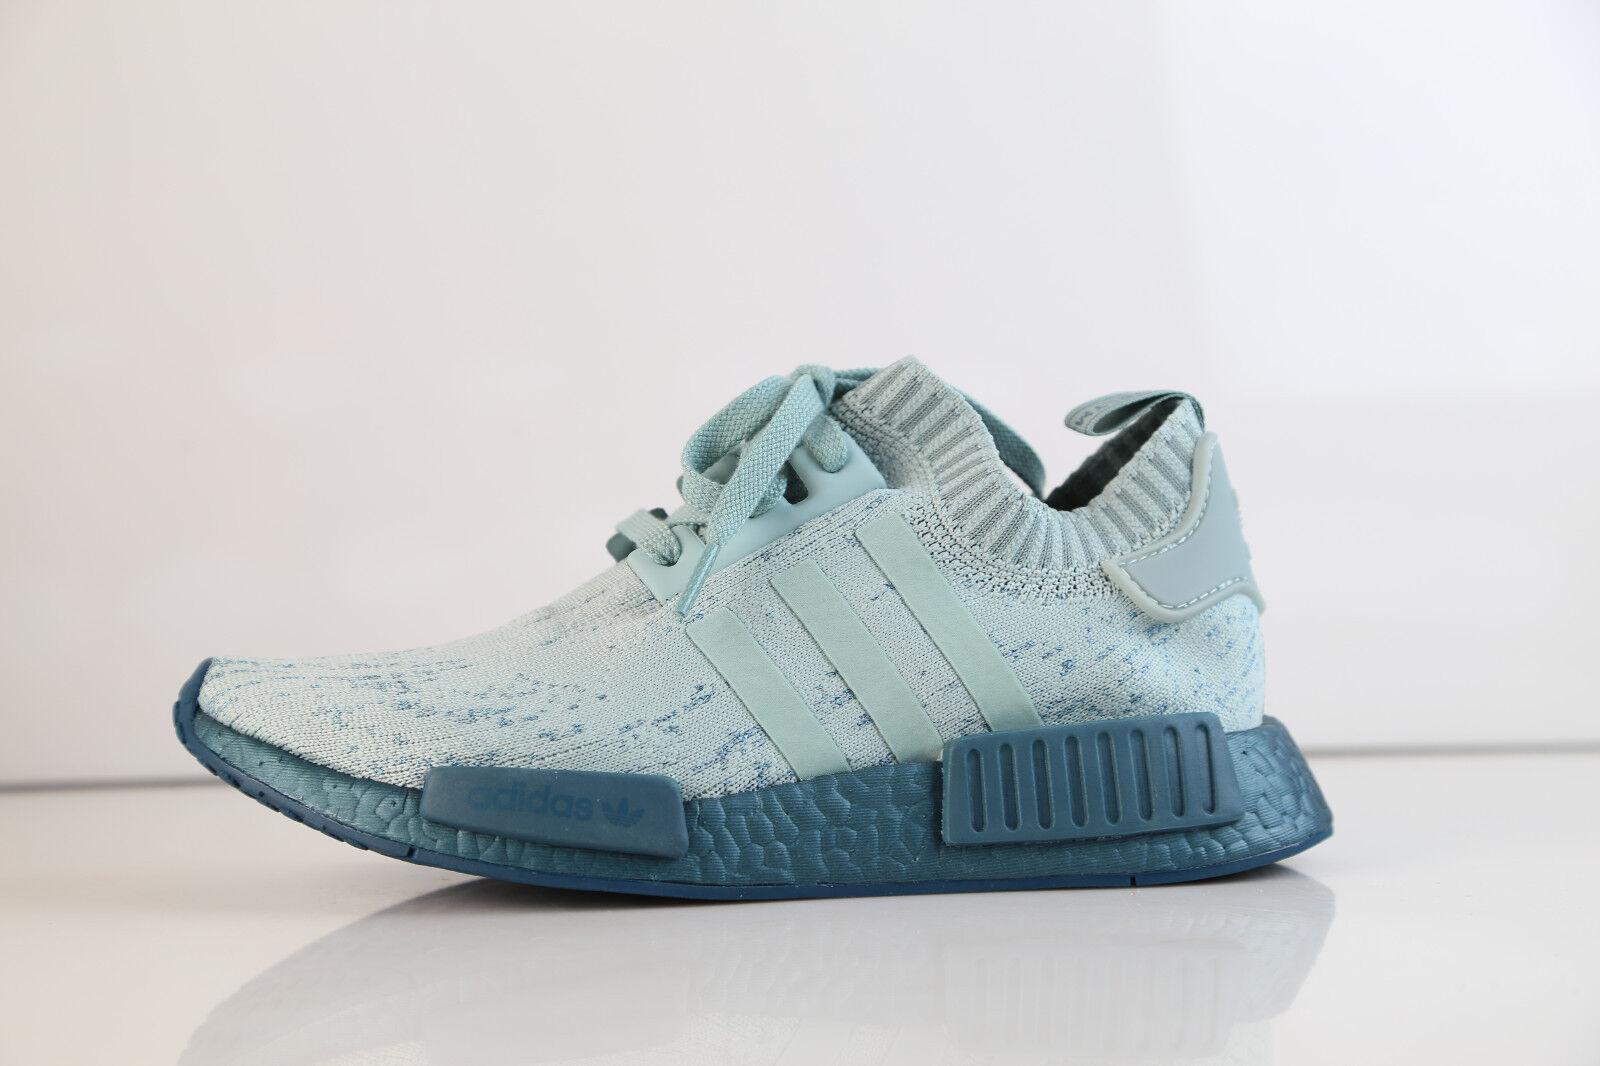 Entrega rápida y envío gratis en todos los pedidos. Adidas Originales Para Mujer NMD R1 W PK Mar de de de Cristal verde CG3601 7-9 Boost  ventas al por mayor